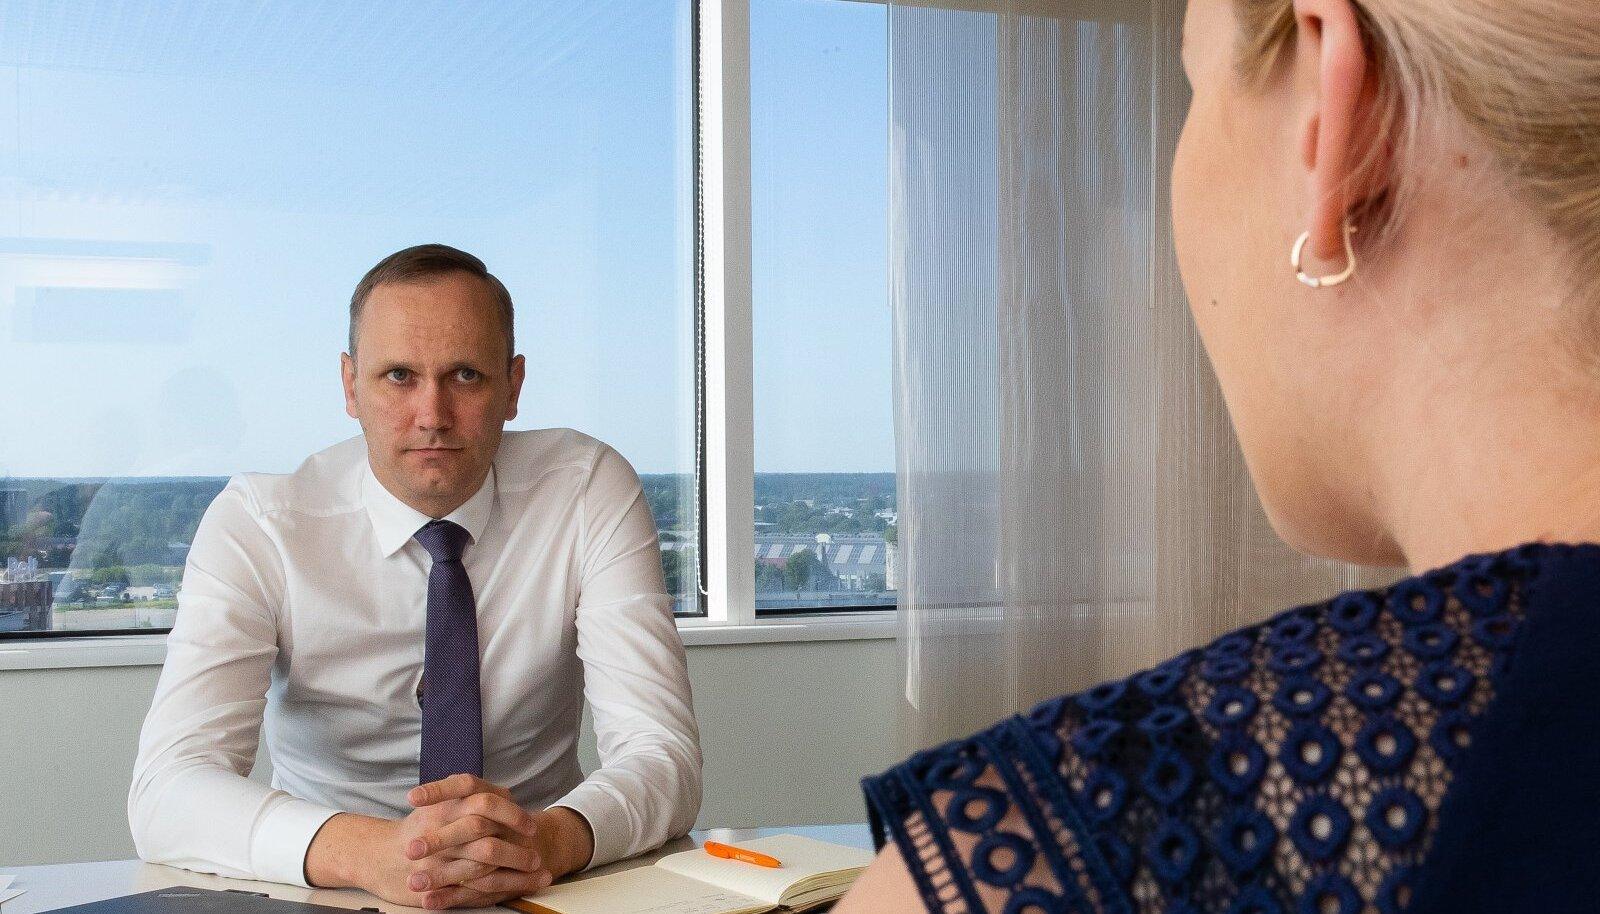 Swedbanki Eesti juhi Olavi Lepa sõnul täpsustab uus struktuur ka Swedbank Eesti juhtimiskorraldust.